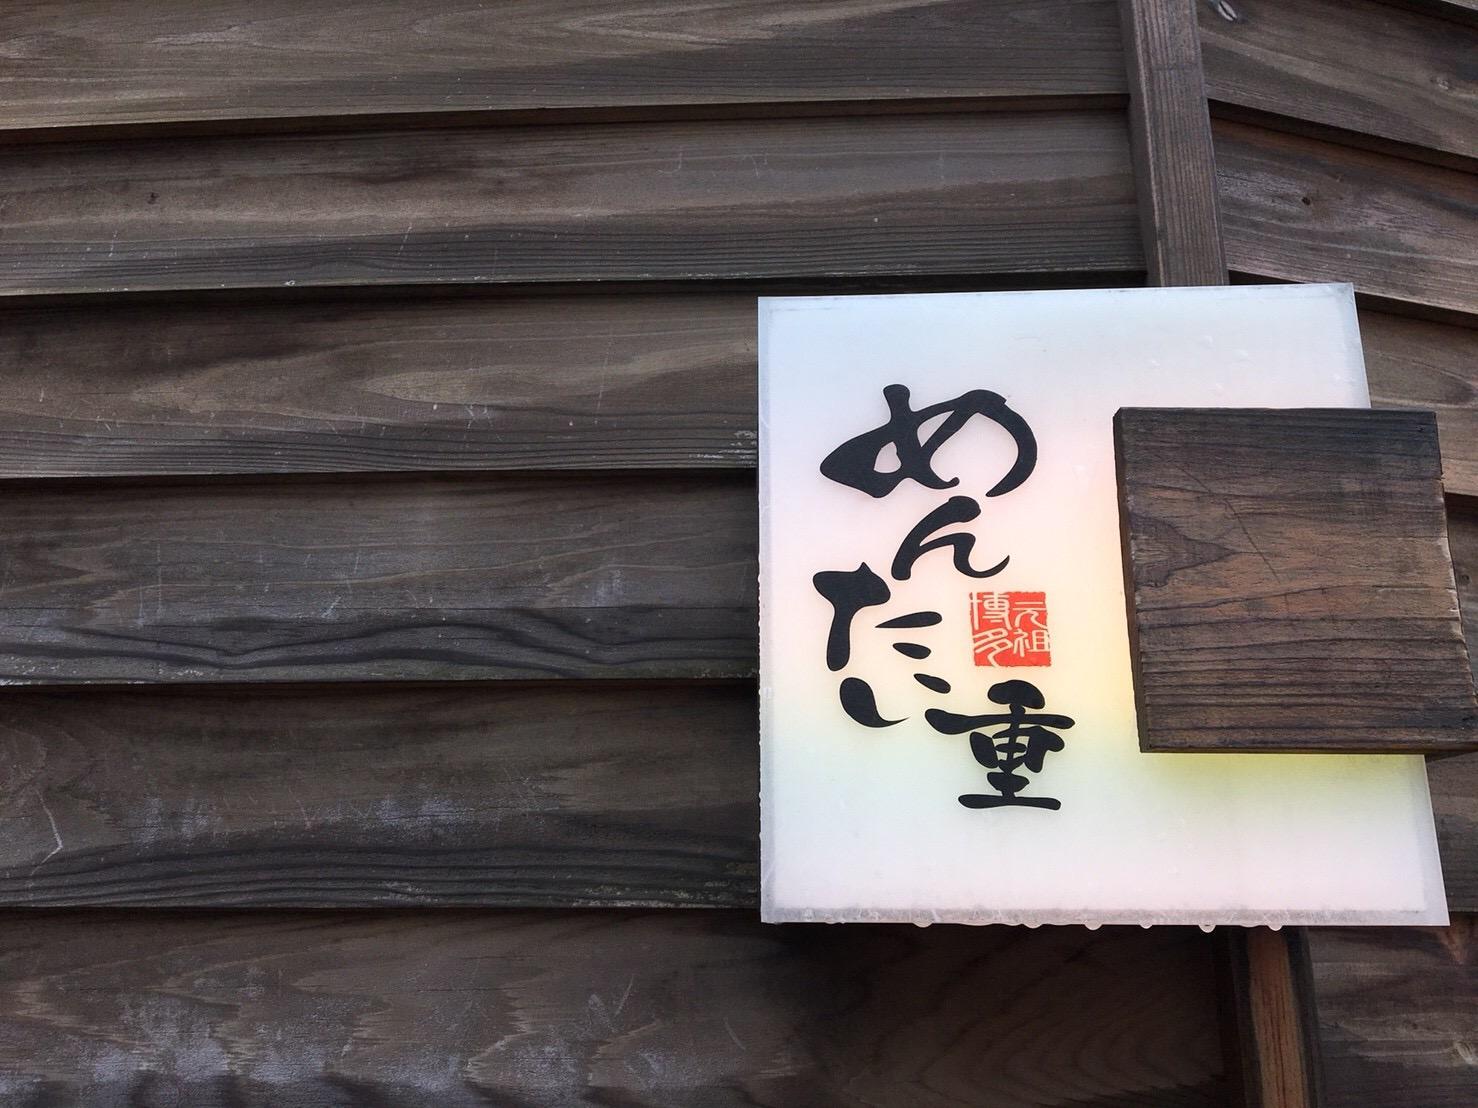 福岡といえば明太子グルメ!『元祖博多めんたい重』では絶品の明太子料理を食べることができます!